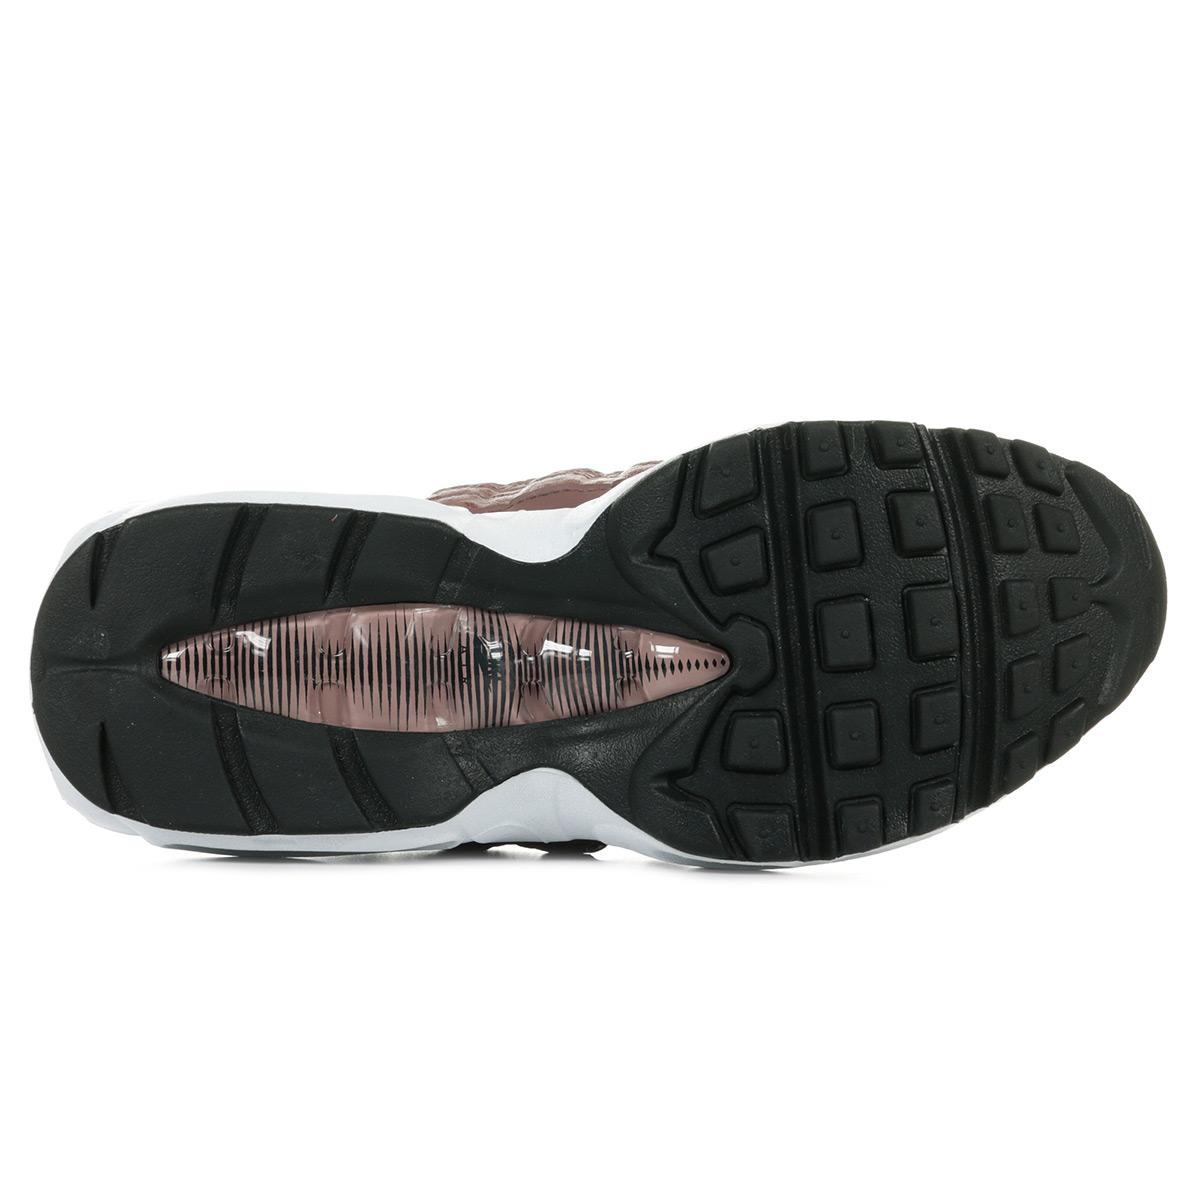 a1f58027e983 Nike WMNS Air Max 95 Lea